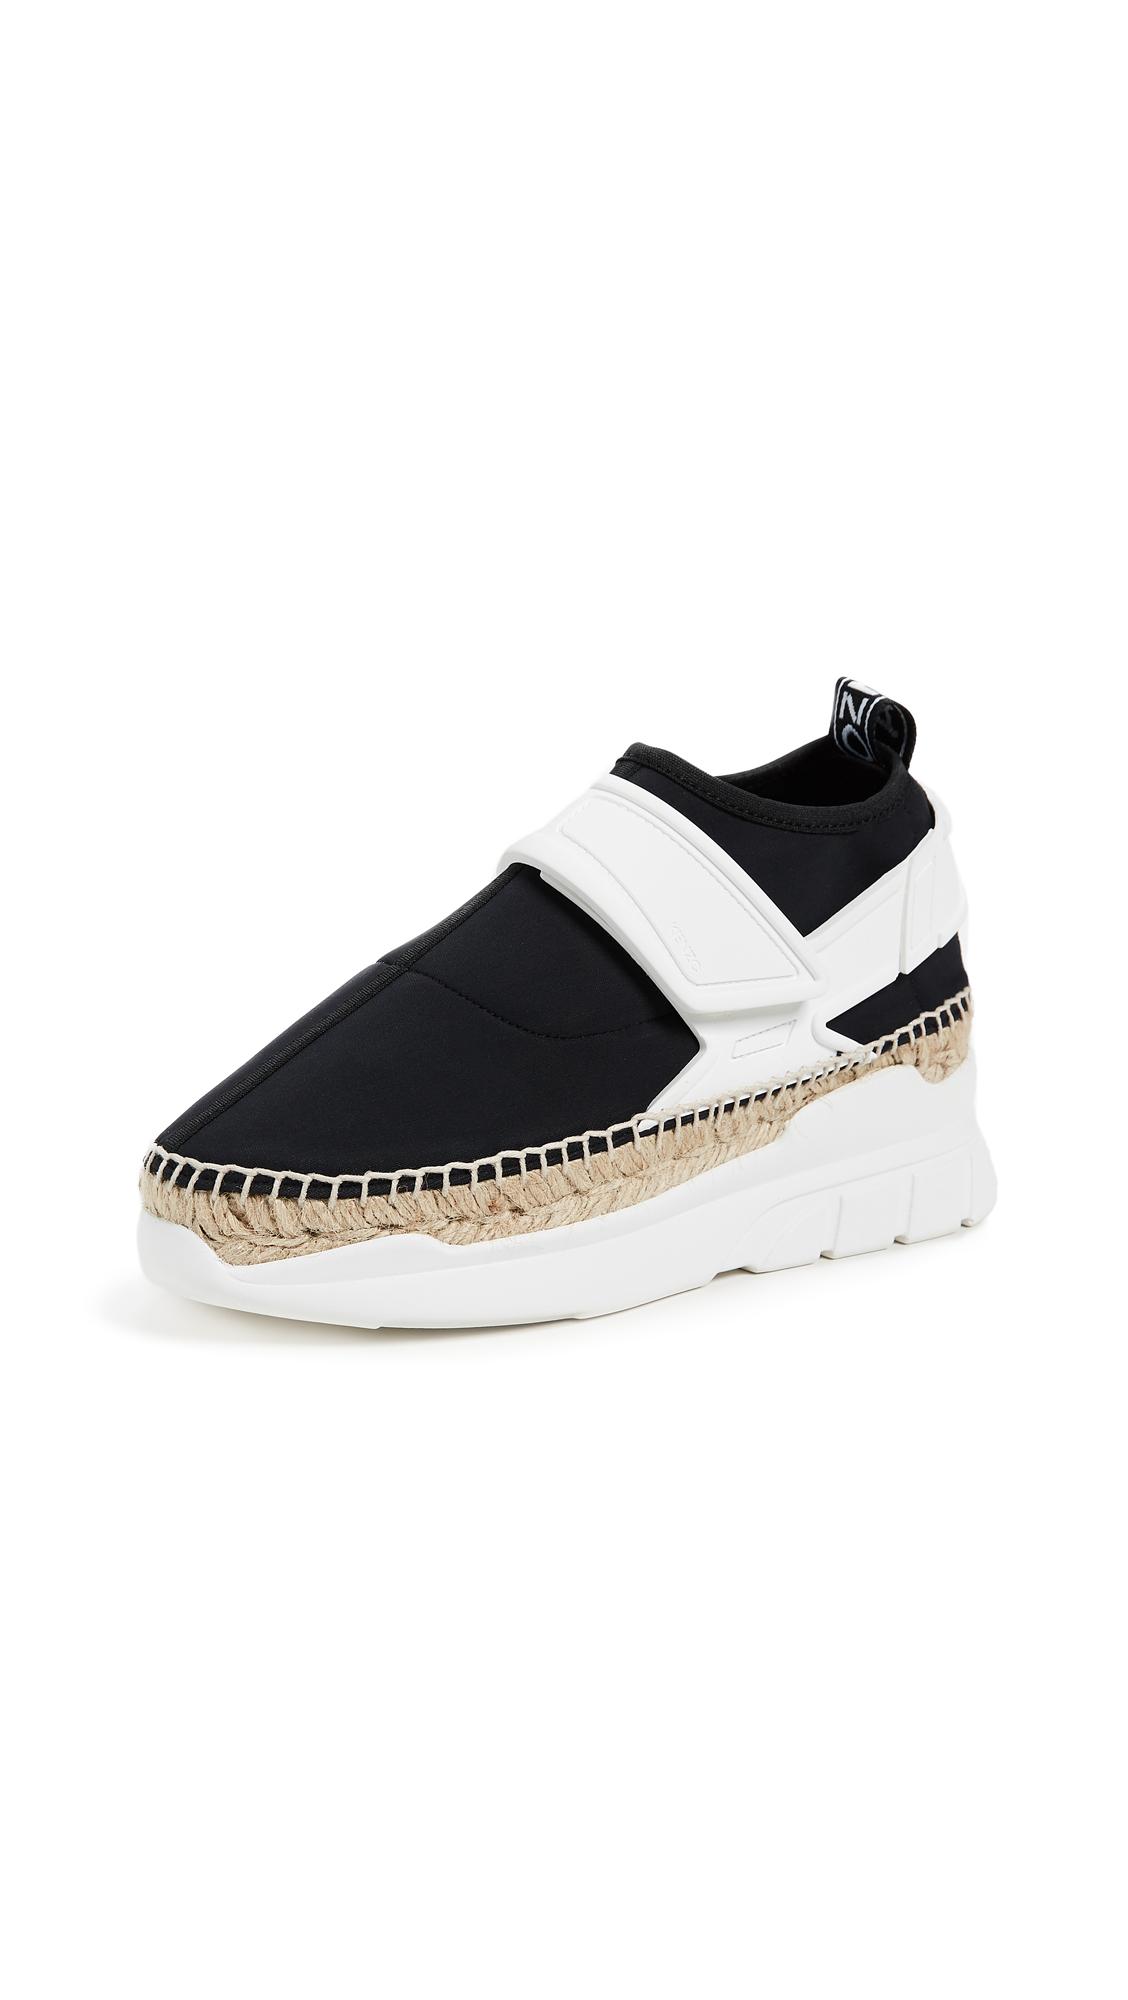 KENZO K Lastic Espadrille Sneakers - Black